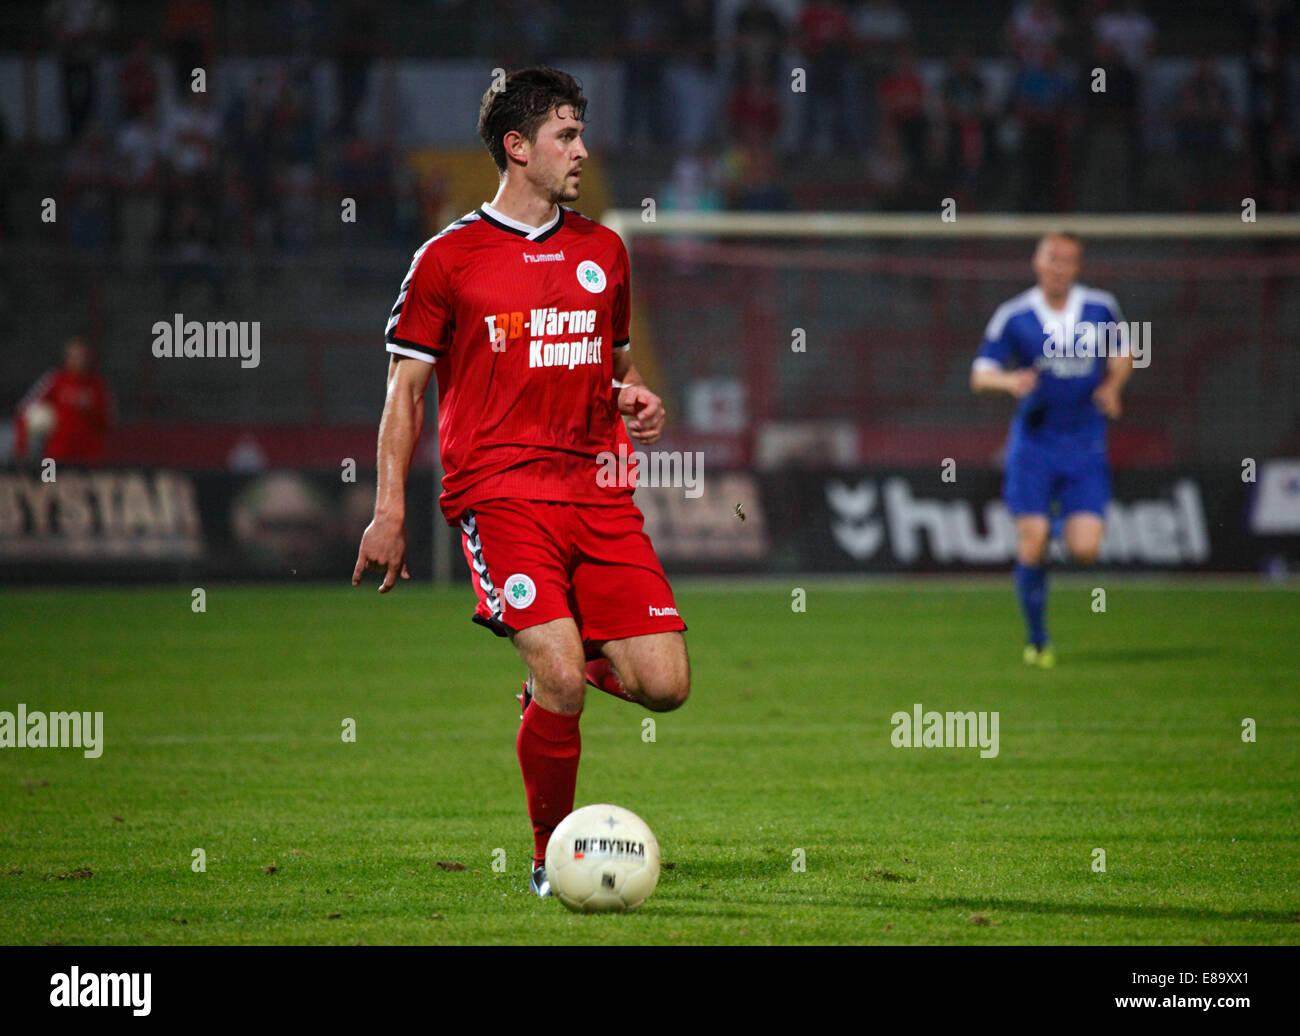 sports, football, Regional League West, 2014/2015, Rot Weiss Oberhausen versus VfL Sportfreunde Lotte 0:1, Stadium - Stock Image